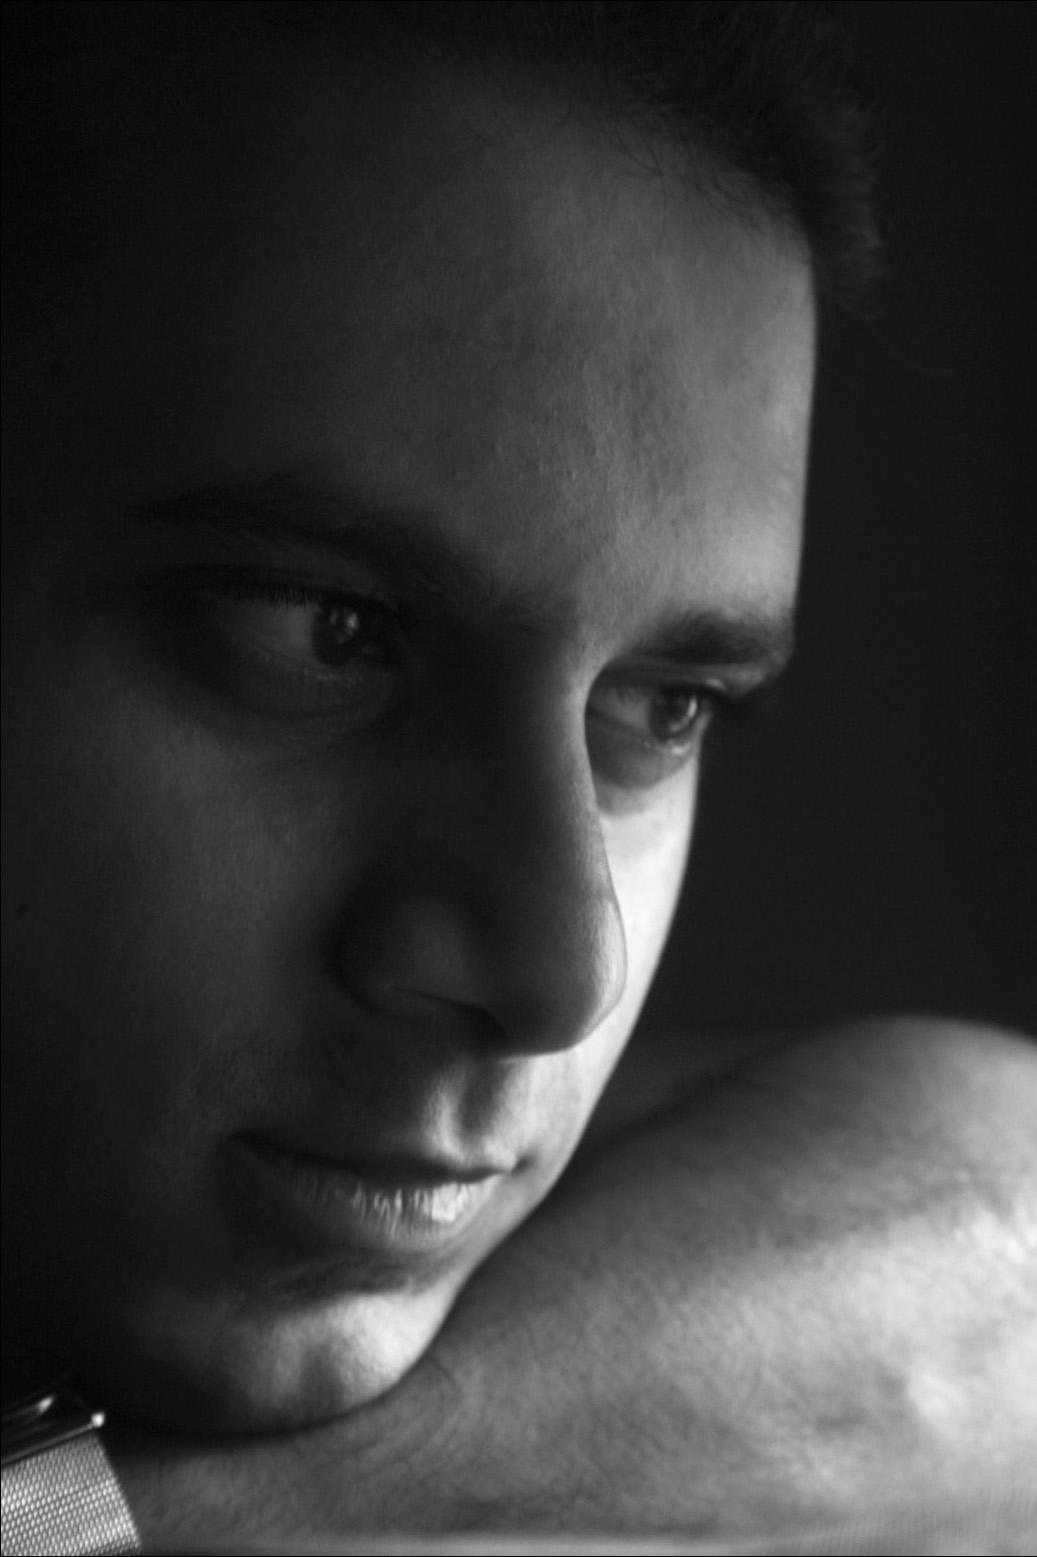 https://upload.wikimedia.org/wikipedia/en/b/b4/Hari_bhagirath_window_light_portrait.jpg